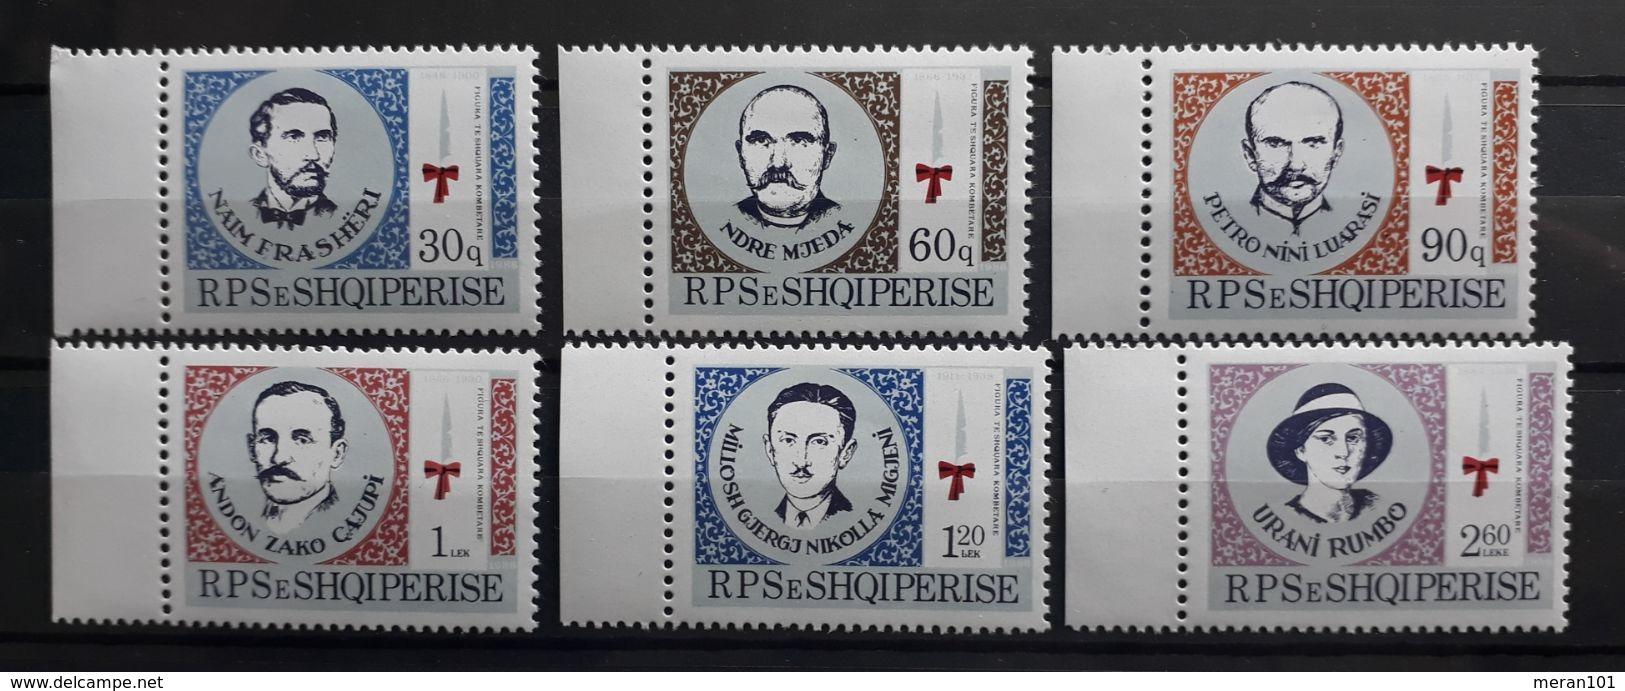 """Albanien 1986, Mi 2302-07 MNH Postfrisch """"Persönlichkeiten"""" - Albanien"""